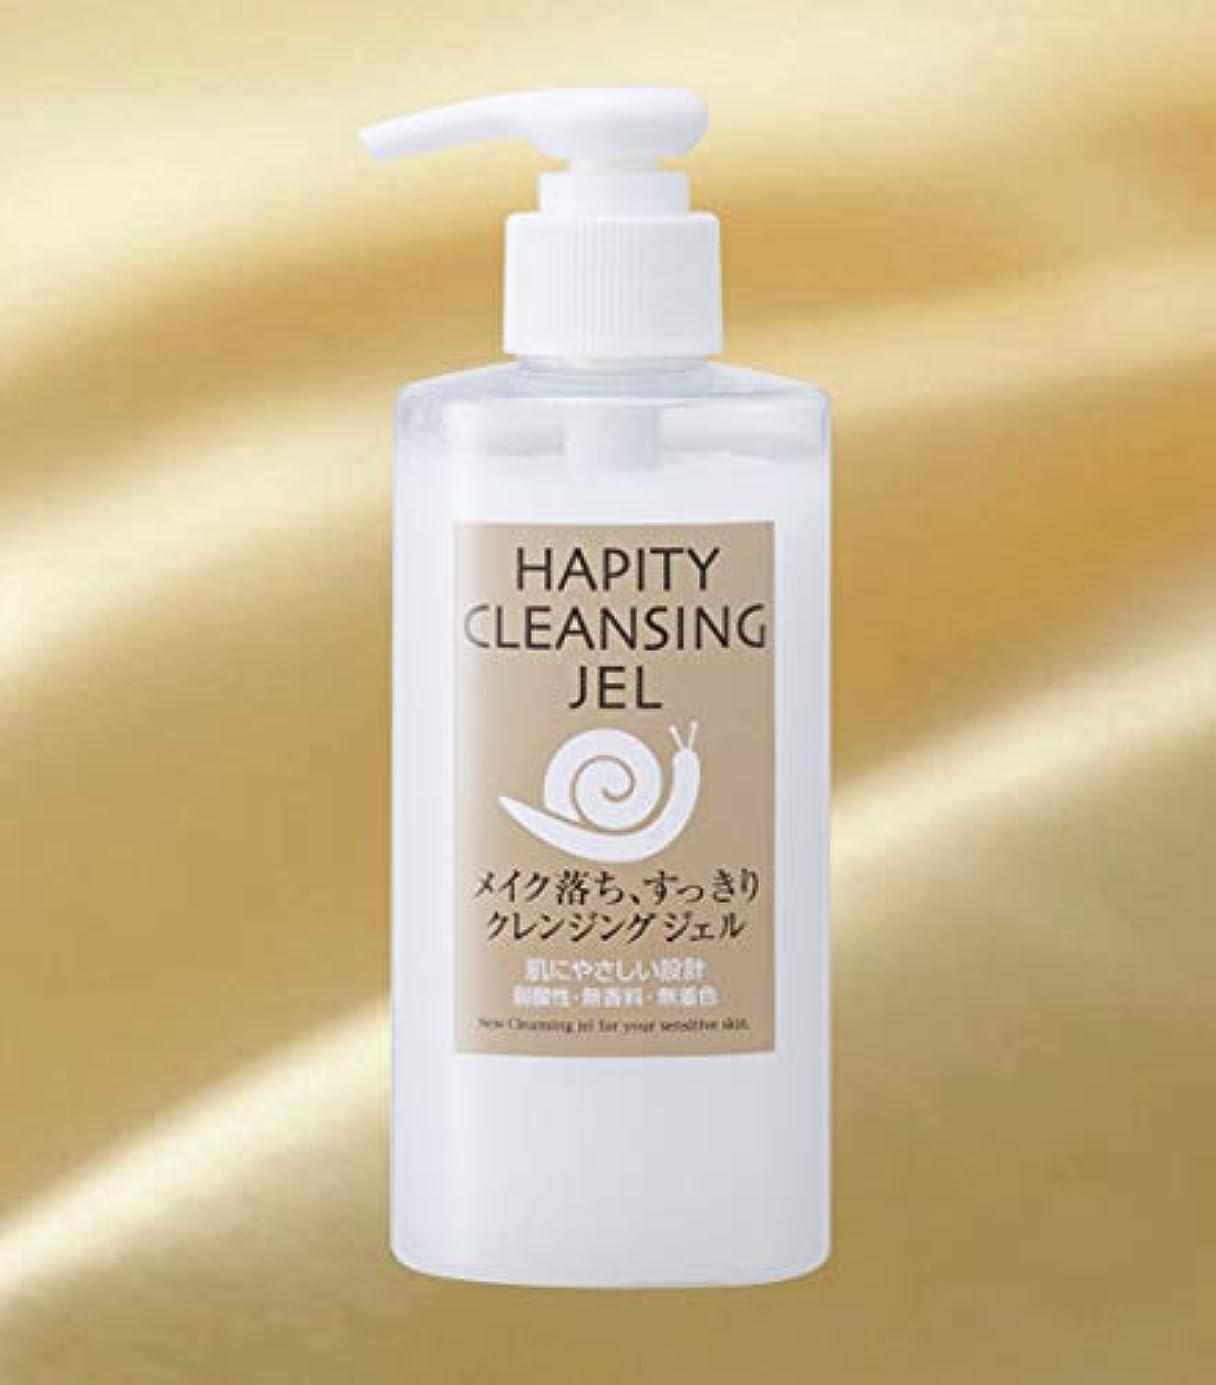 可塑性モザイク非常にハピティ クレンジングジェル (200g) Hapity Cleansing Jel